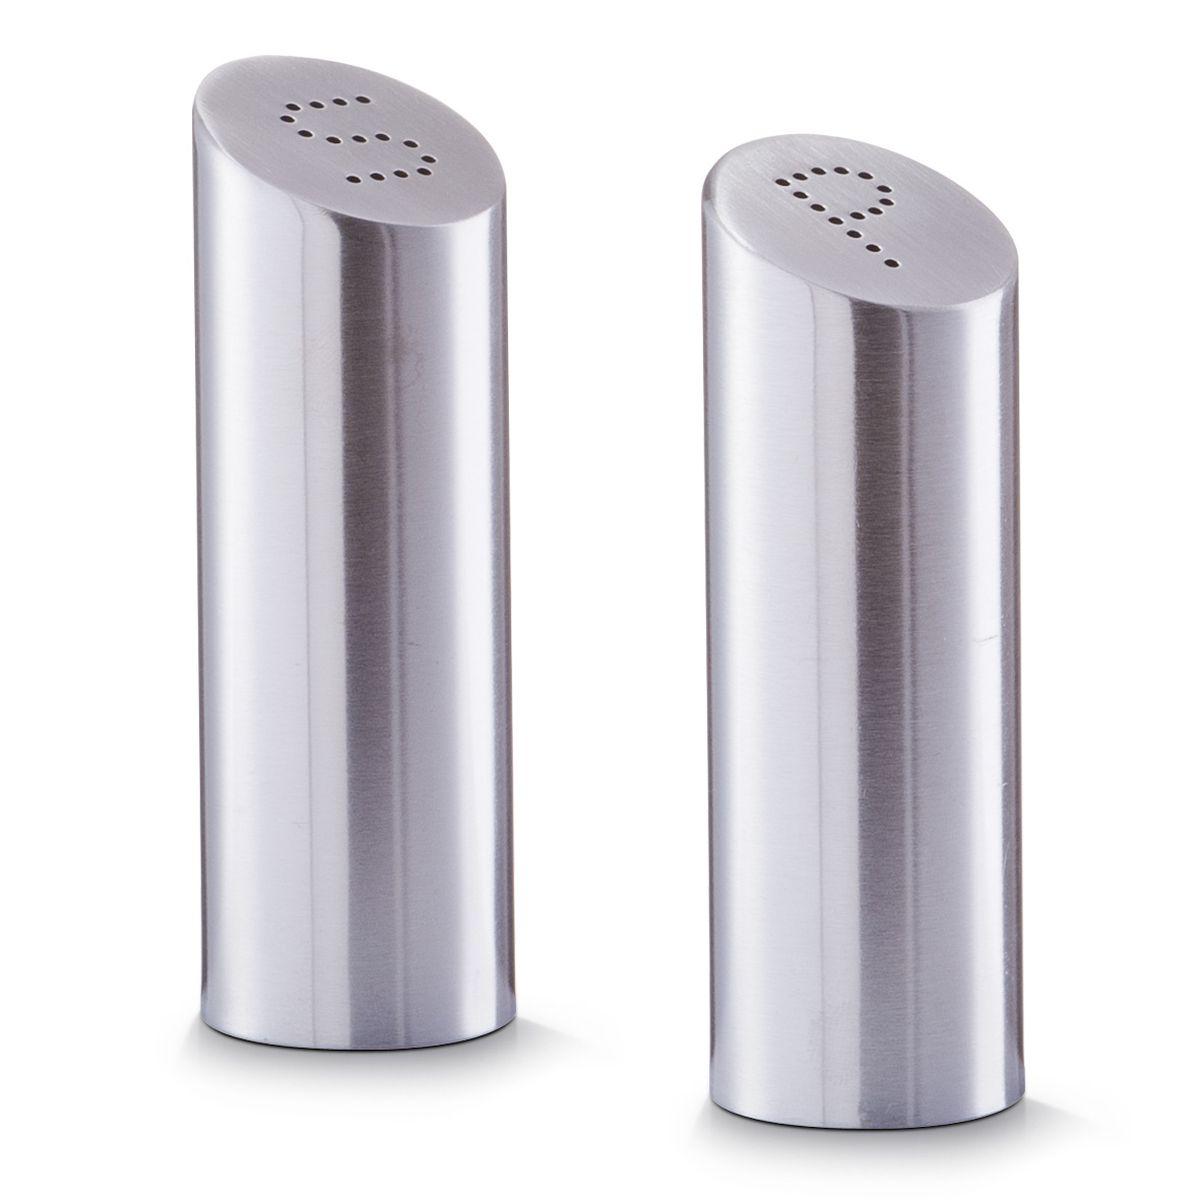 Набор для специй Zeller, высота 11,5 см, 2 предмета27341Набор Zeller, состоящий из двух емкостей, станет незаменимым аксессуаром на любой кухне. Набор предназначен для компактного хранений специй, что позволяет экономить место на полке. Изделия выполнены из металла. Верх изделий имеет отверстия. Размер емкостей: 3,8 х 3,8 х 11,5 см.